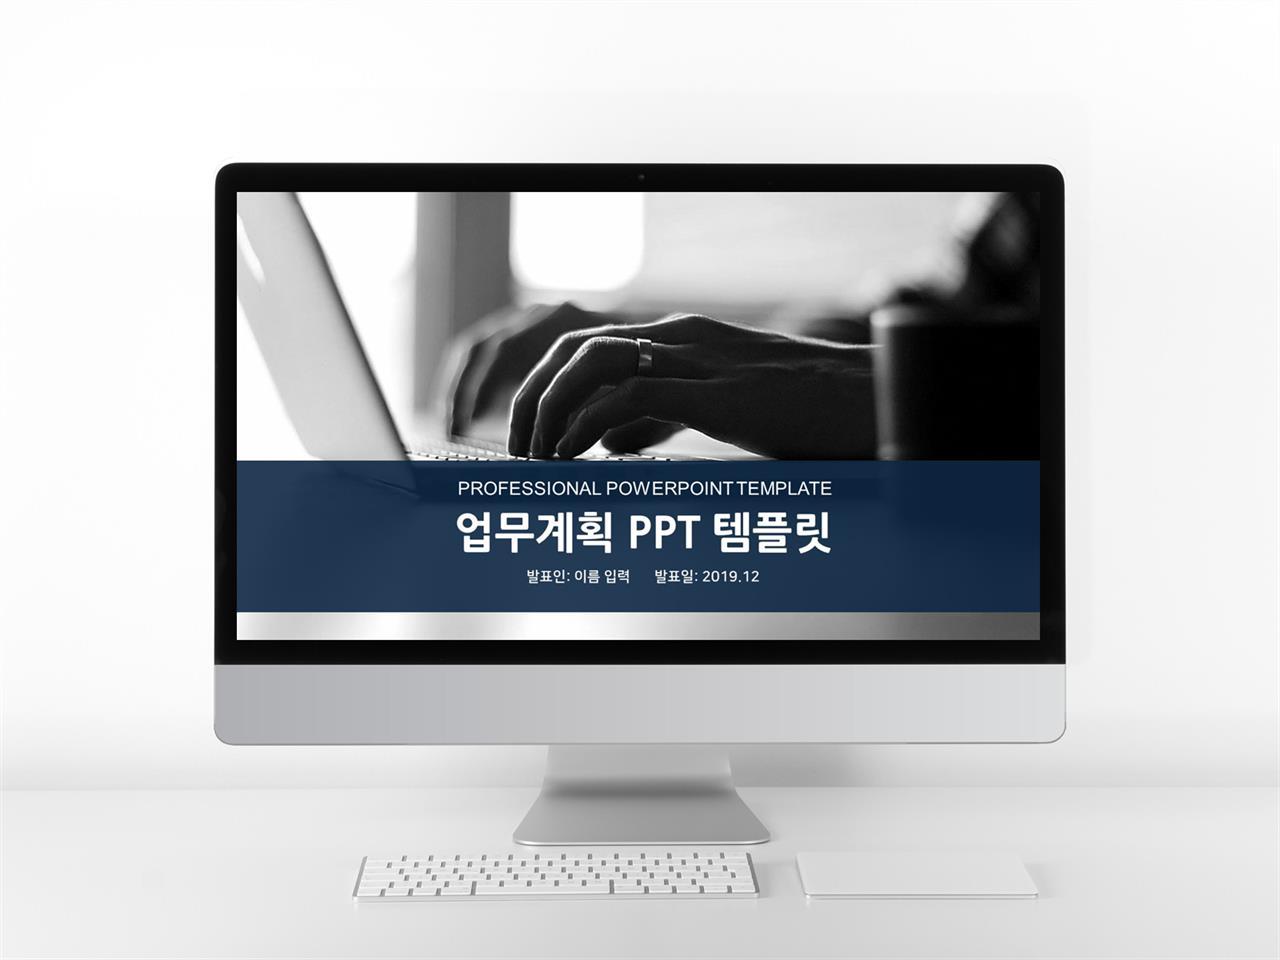 업무프로세스 검은색 깔끔한 고퀄리티 PPT배경 제작 미리보기